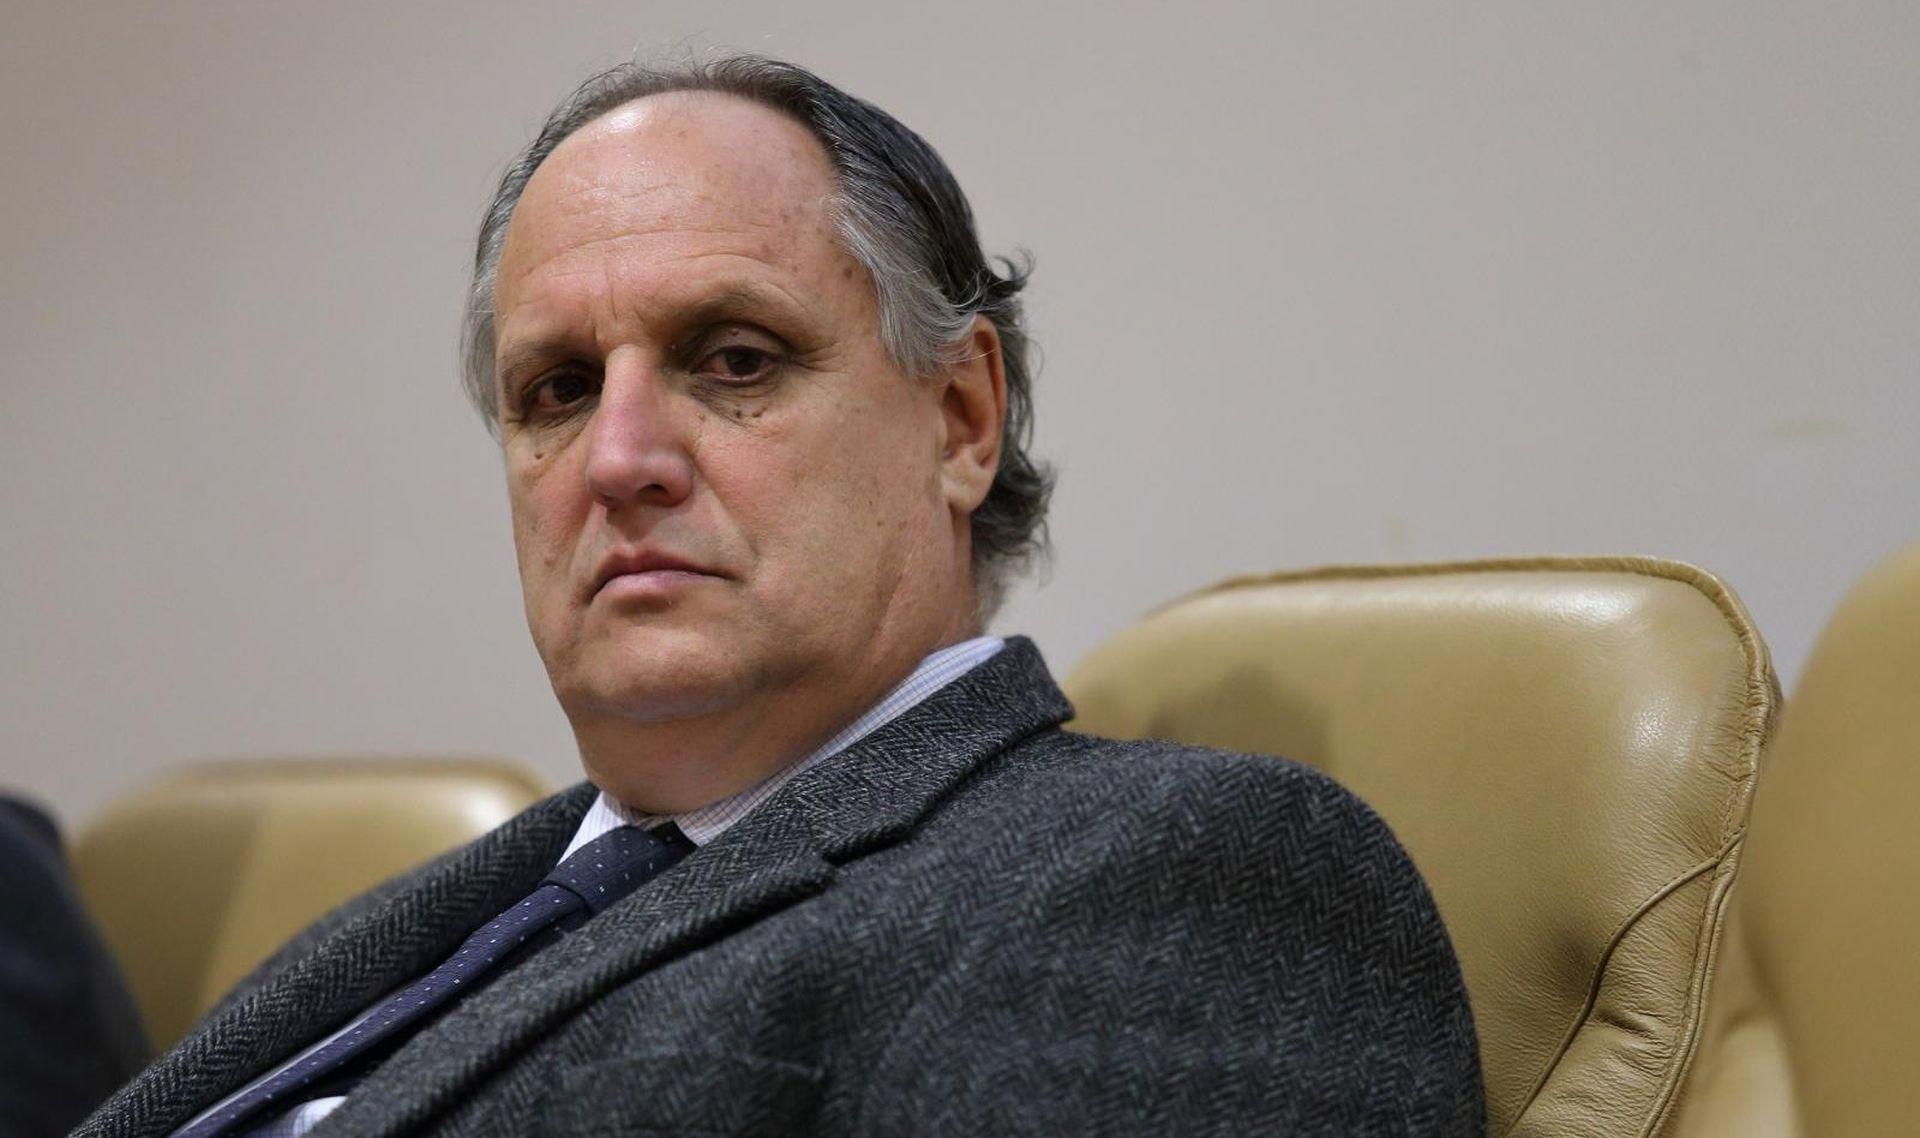 Kaznena prijava protiv hrvatskog člana Uprave Nuklearke Krško